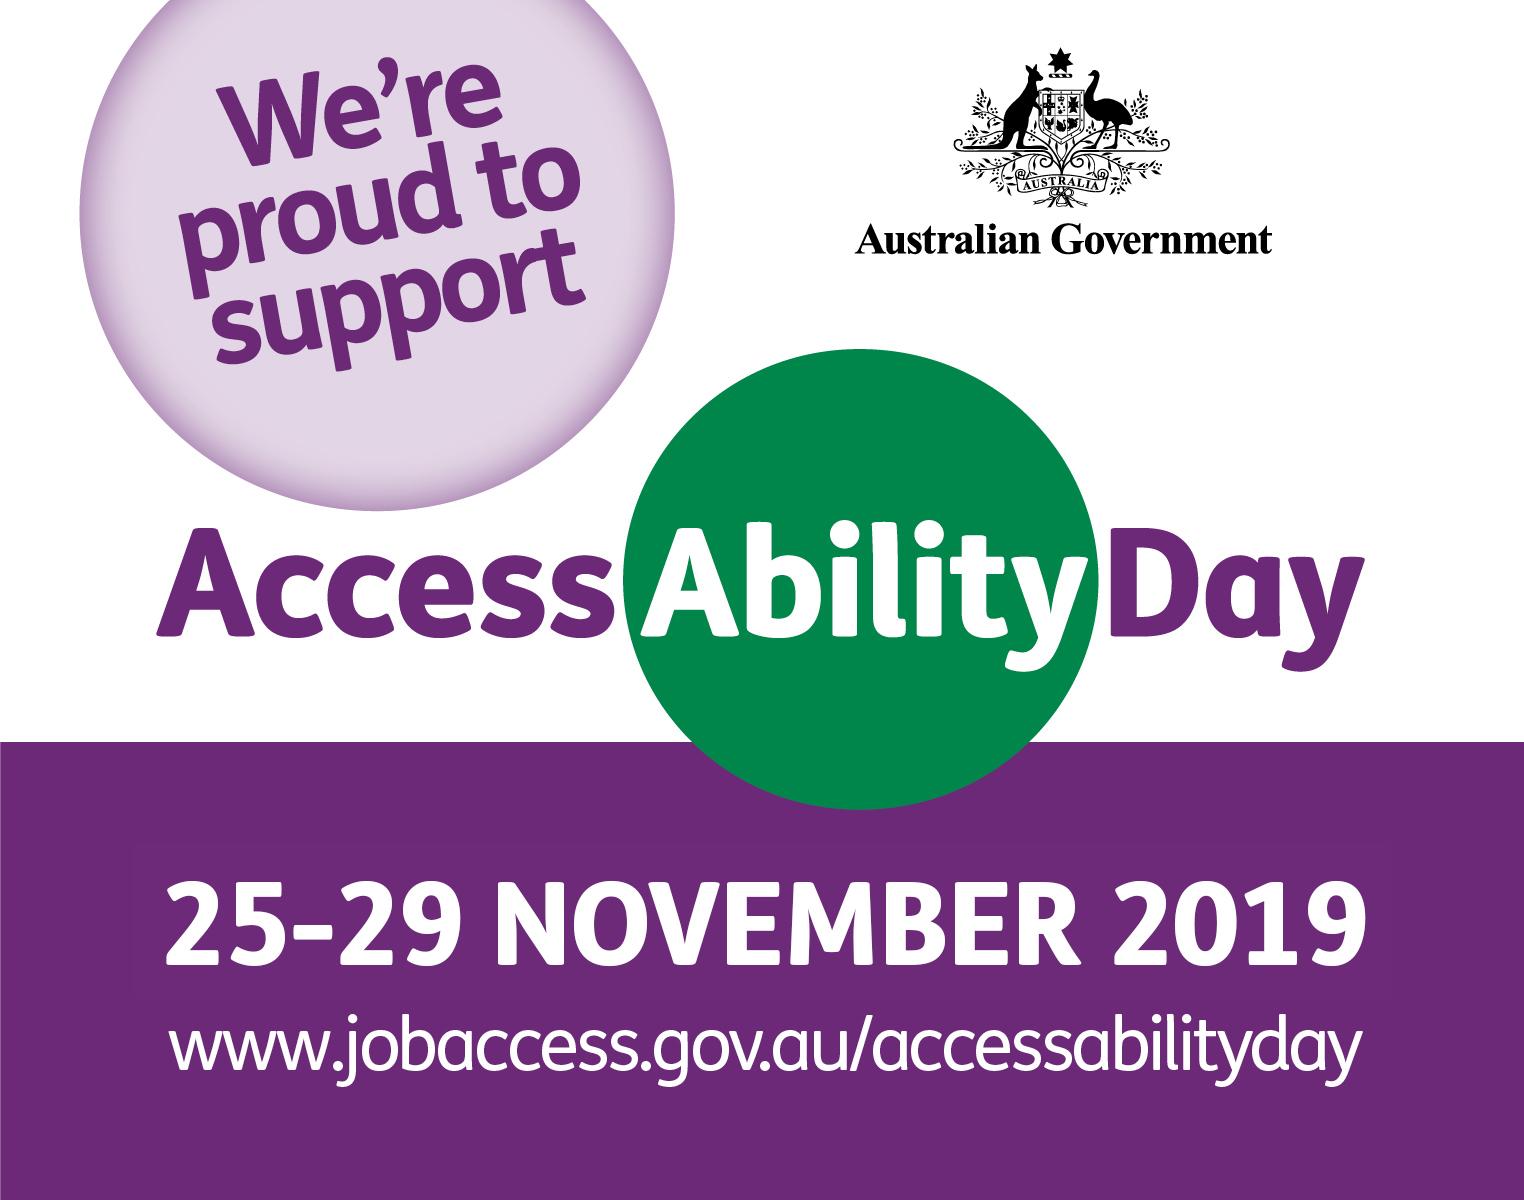 Access ability